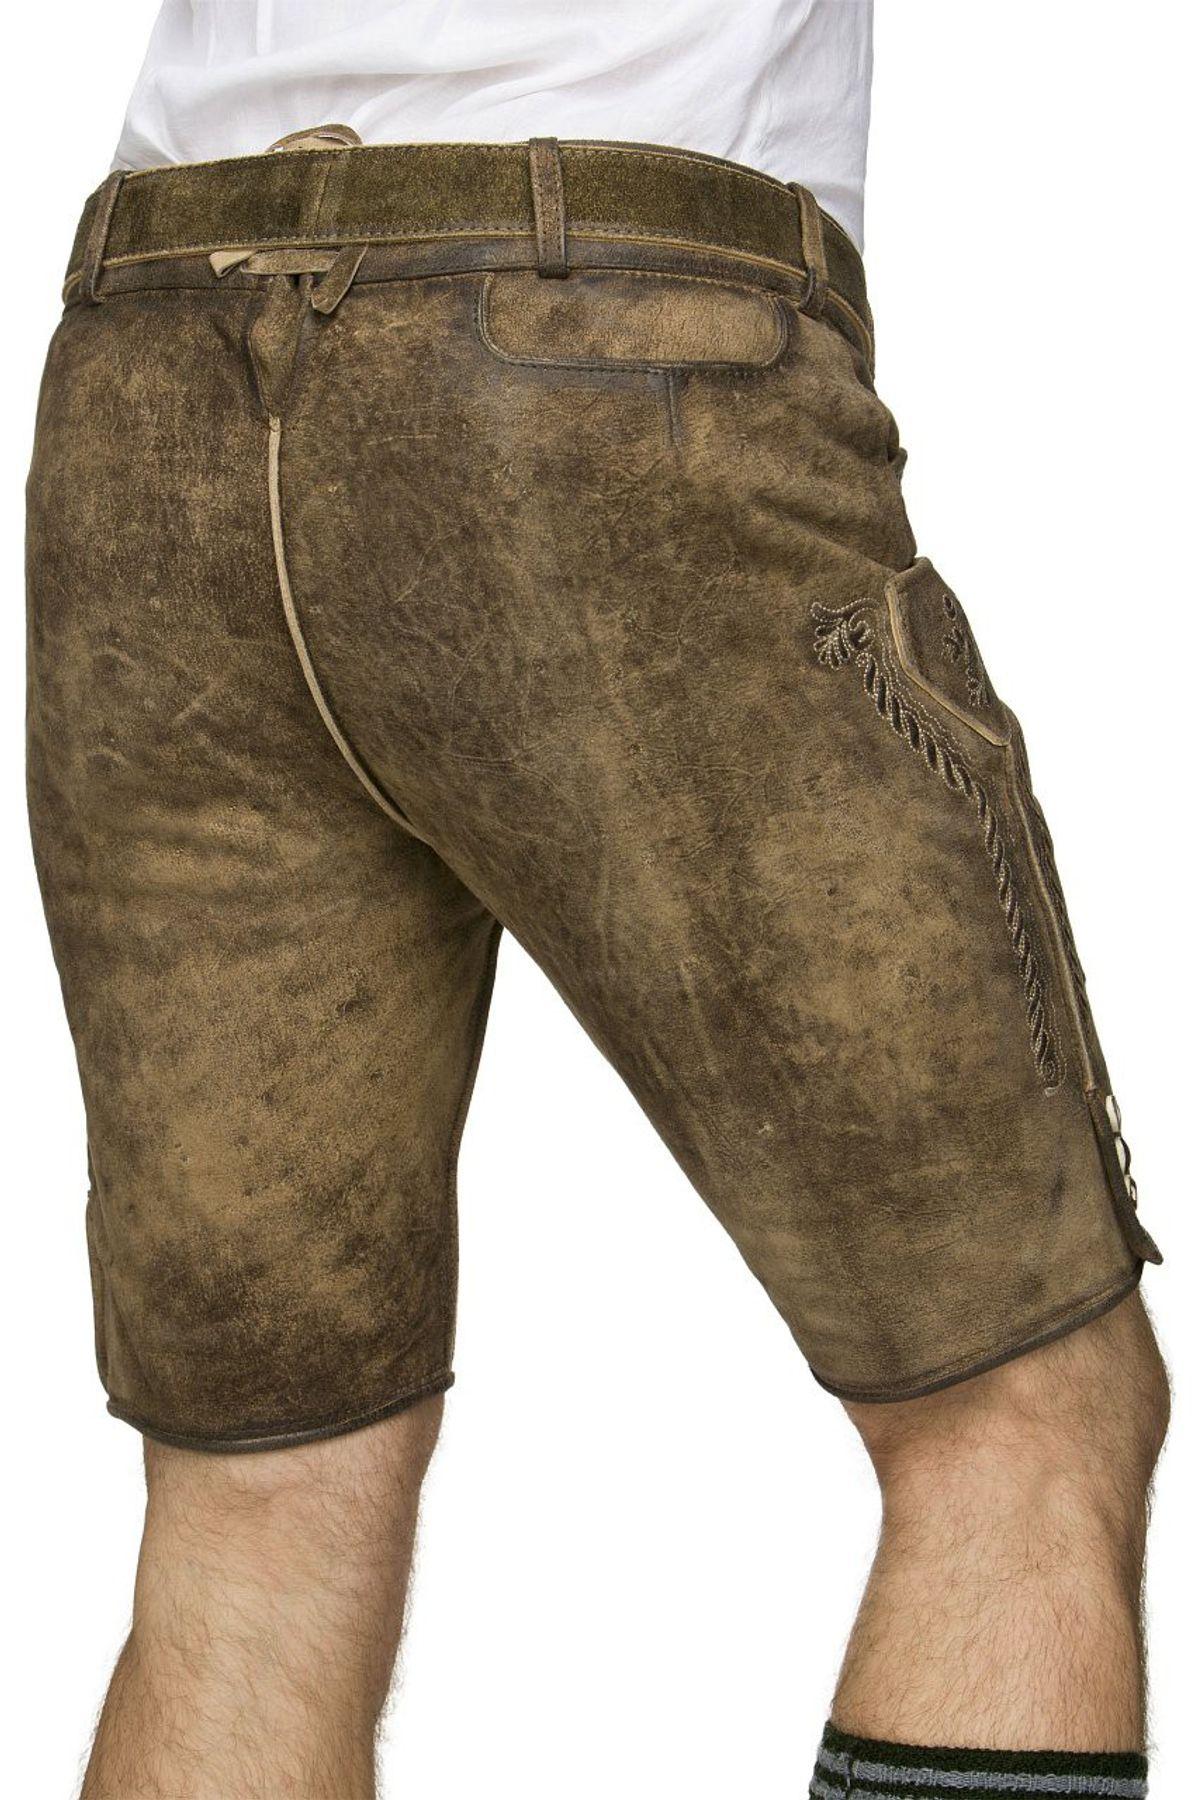 Stockerpoint - Herren Lederhose mit Gürtel, Stein Geäscht und Korn Gespeckt, Thomas – Bild 5